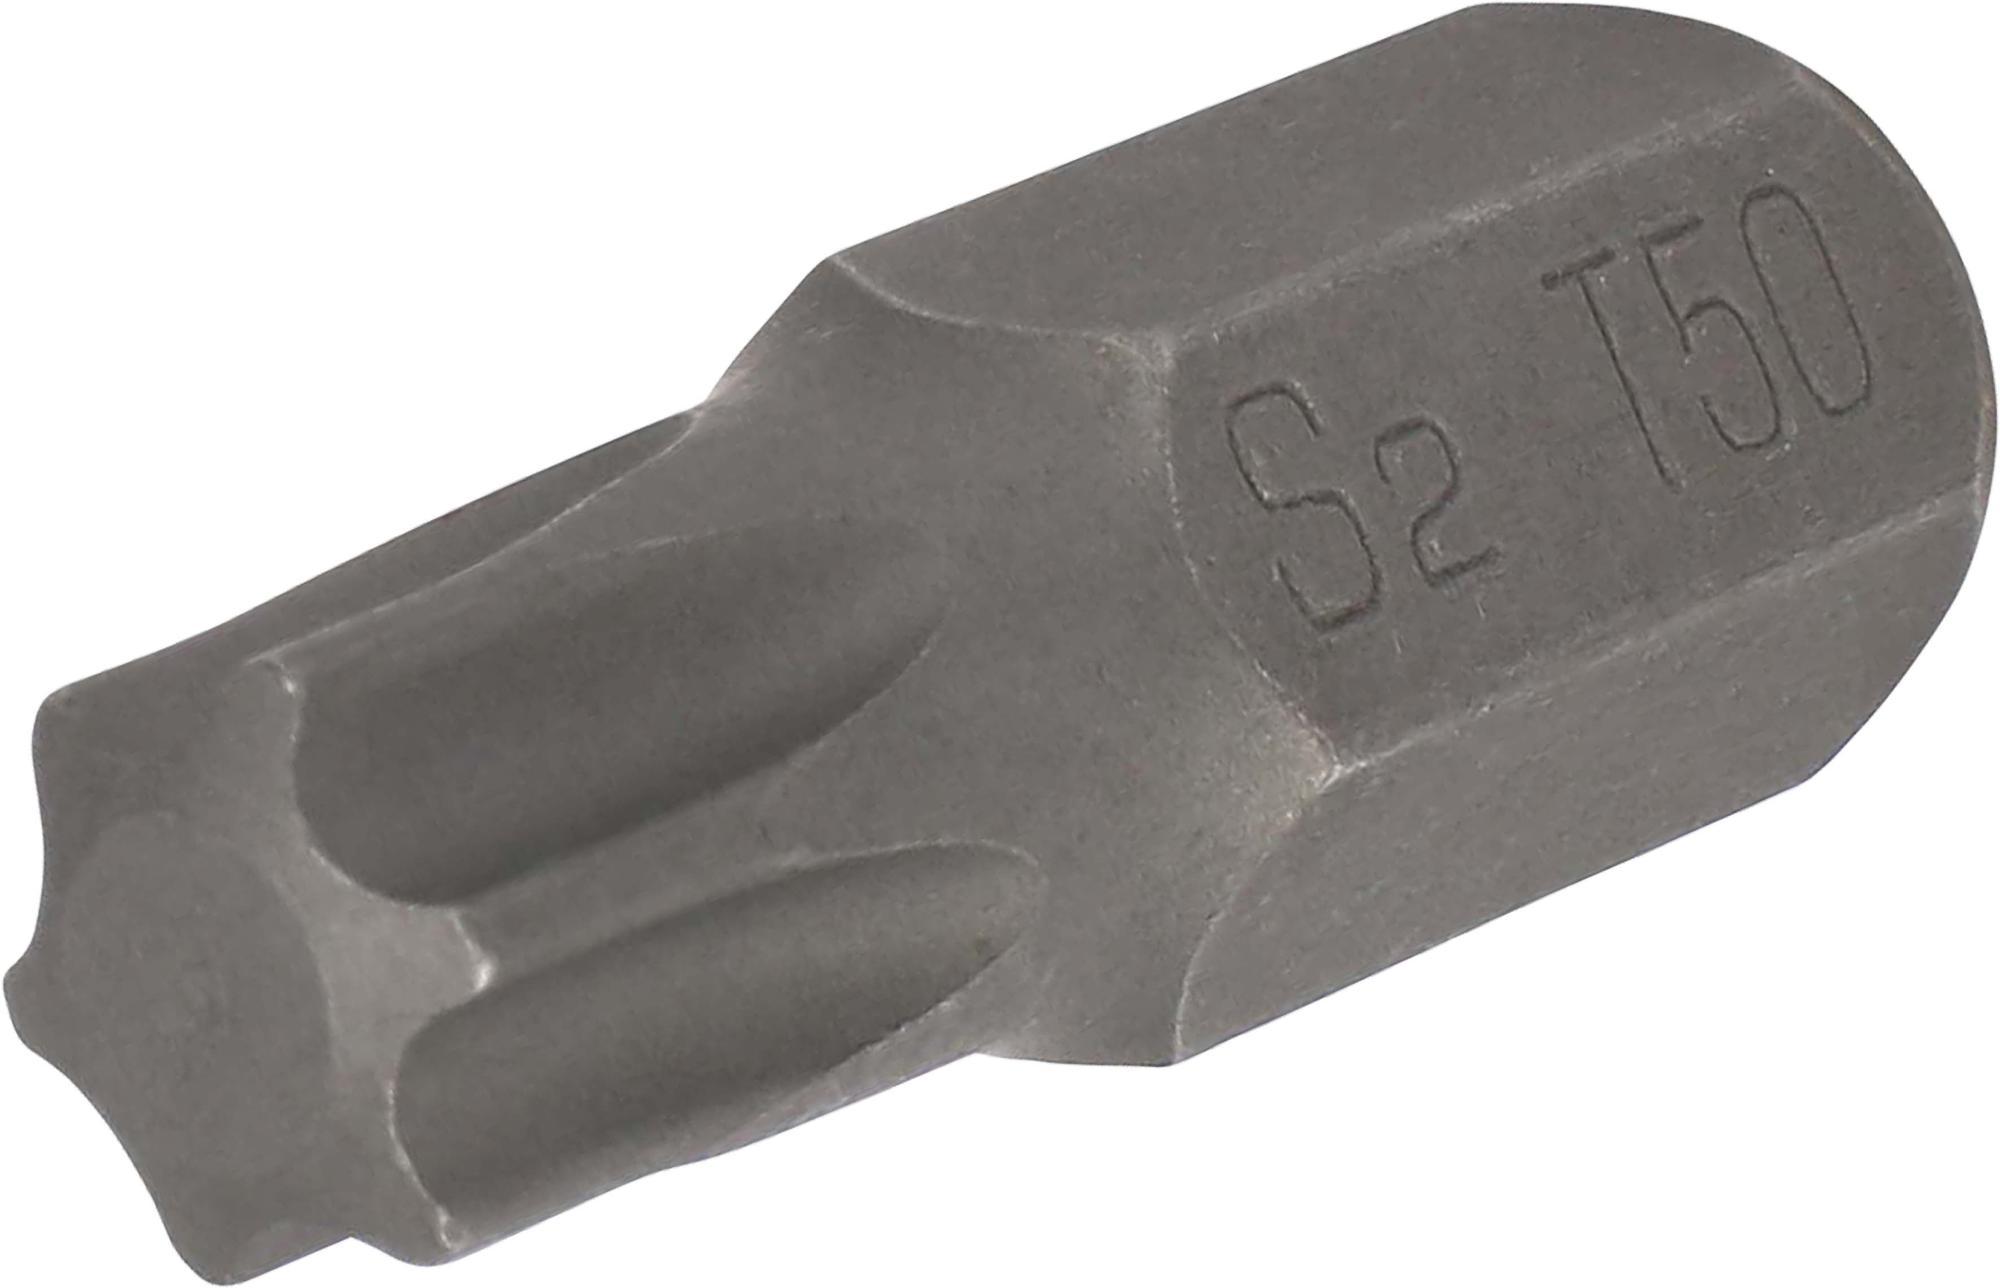 Bit, 10 mm 6-hran, TORX T50x30 mm